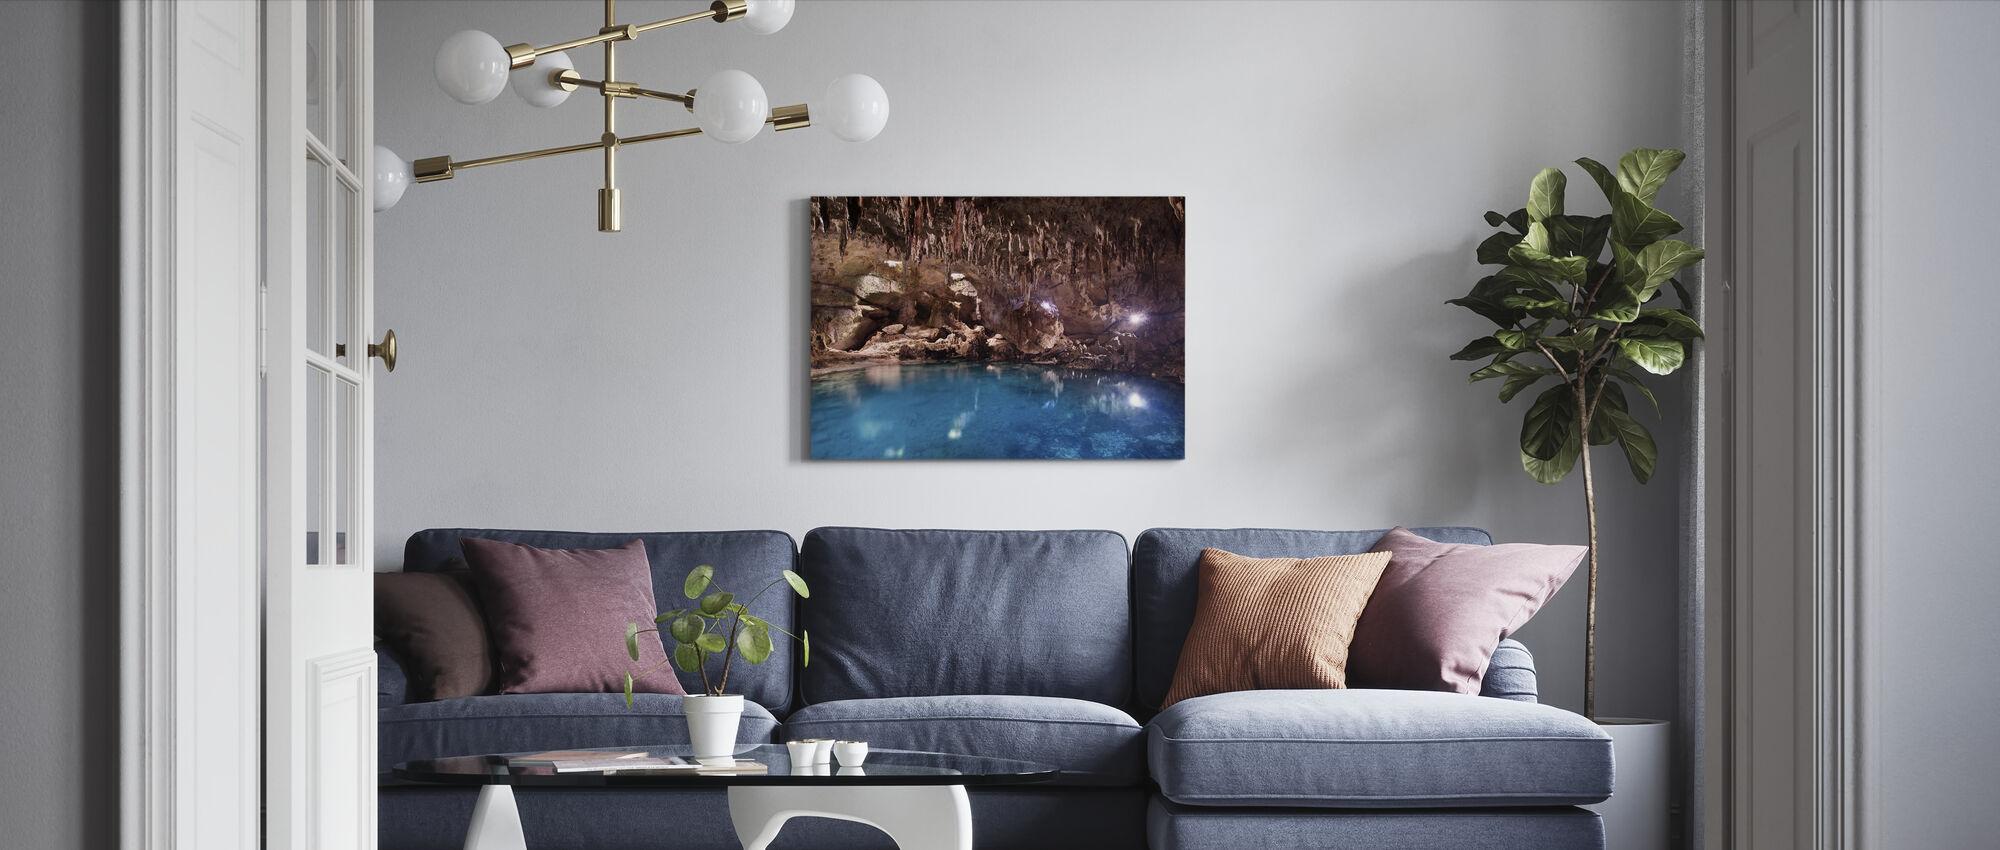 Hinagdanan Cave Pool - Canvastaulu - Olohuone